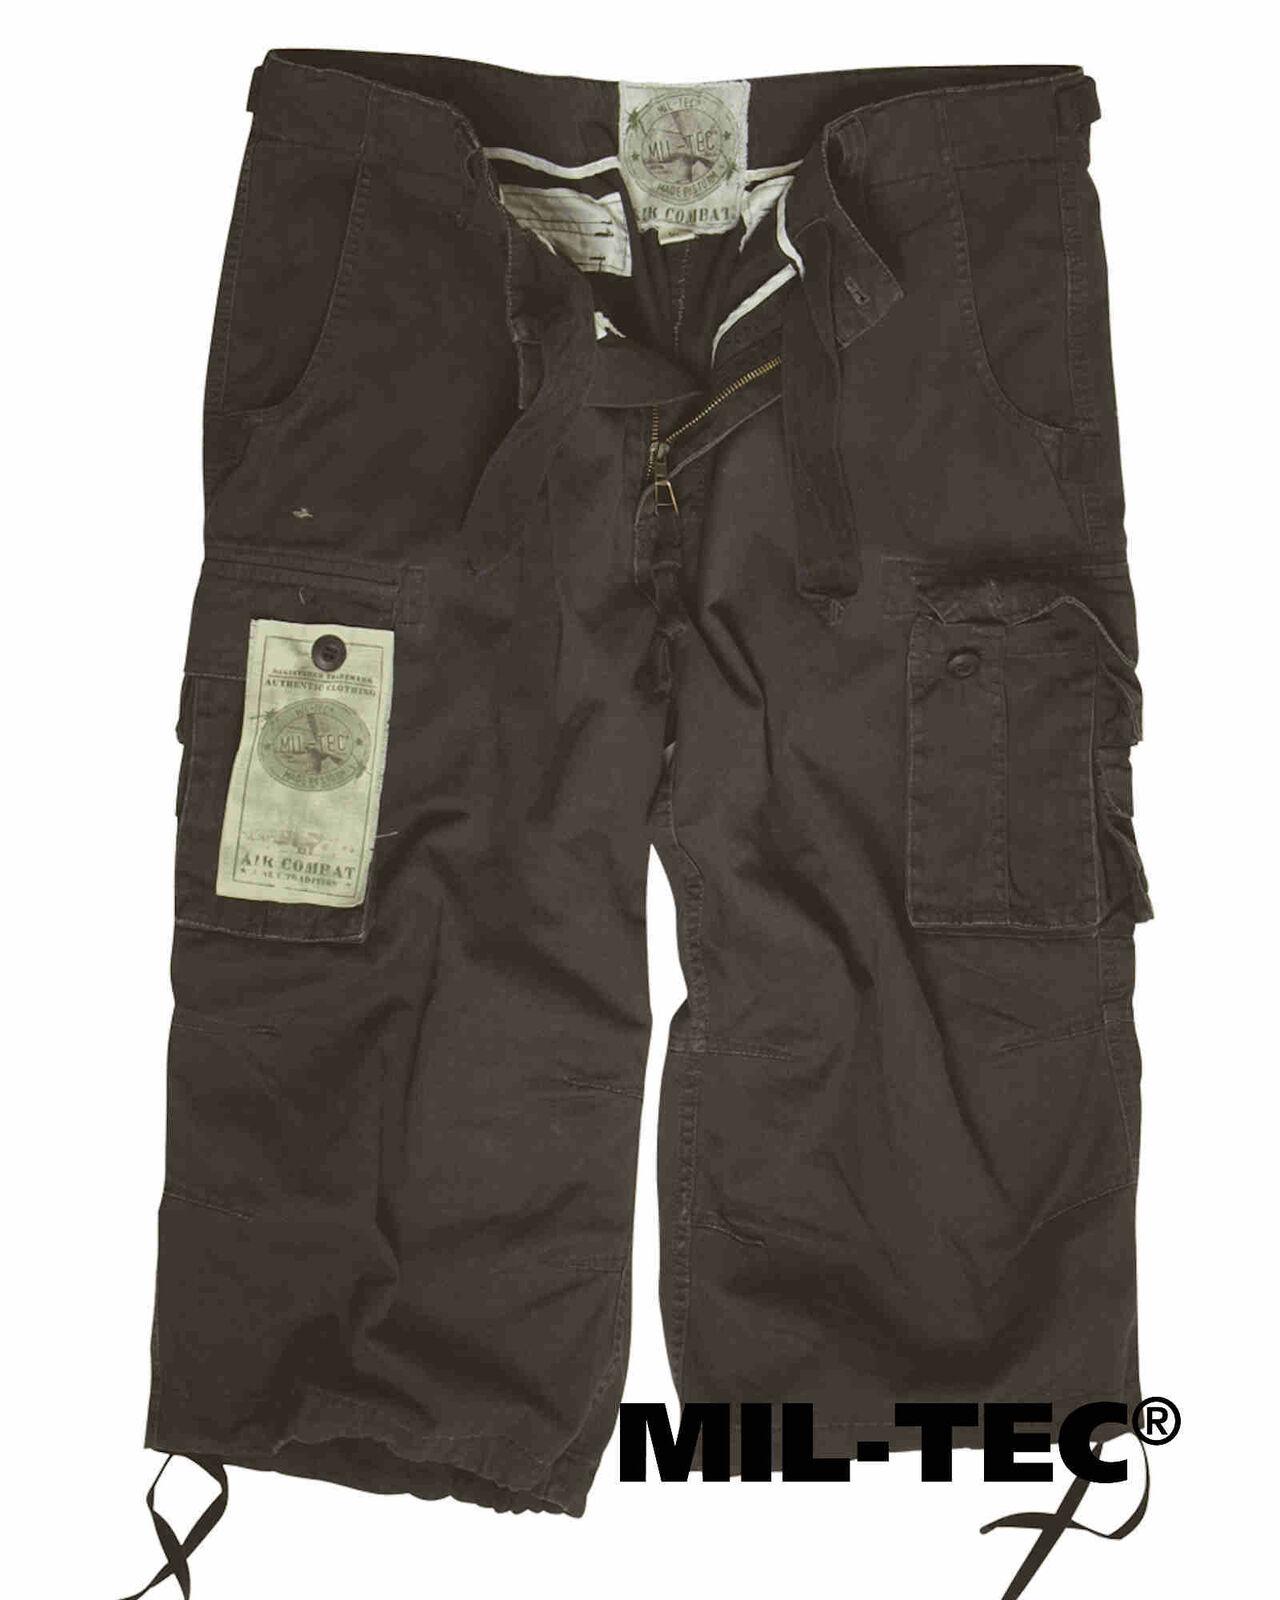 Mil-Tec AIR COMBAT 3 4-PANTS PREWASH black 3 4 Hose